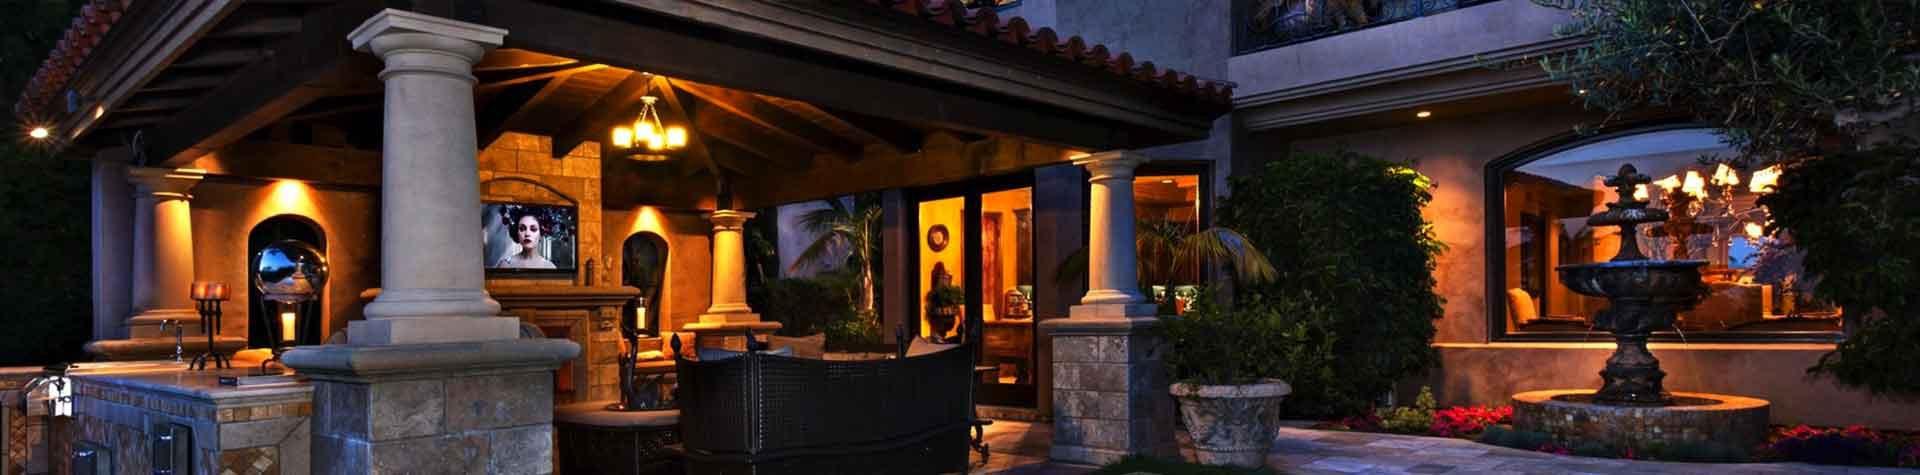 Scopri le luci led per la tua casa